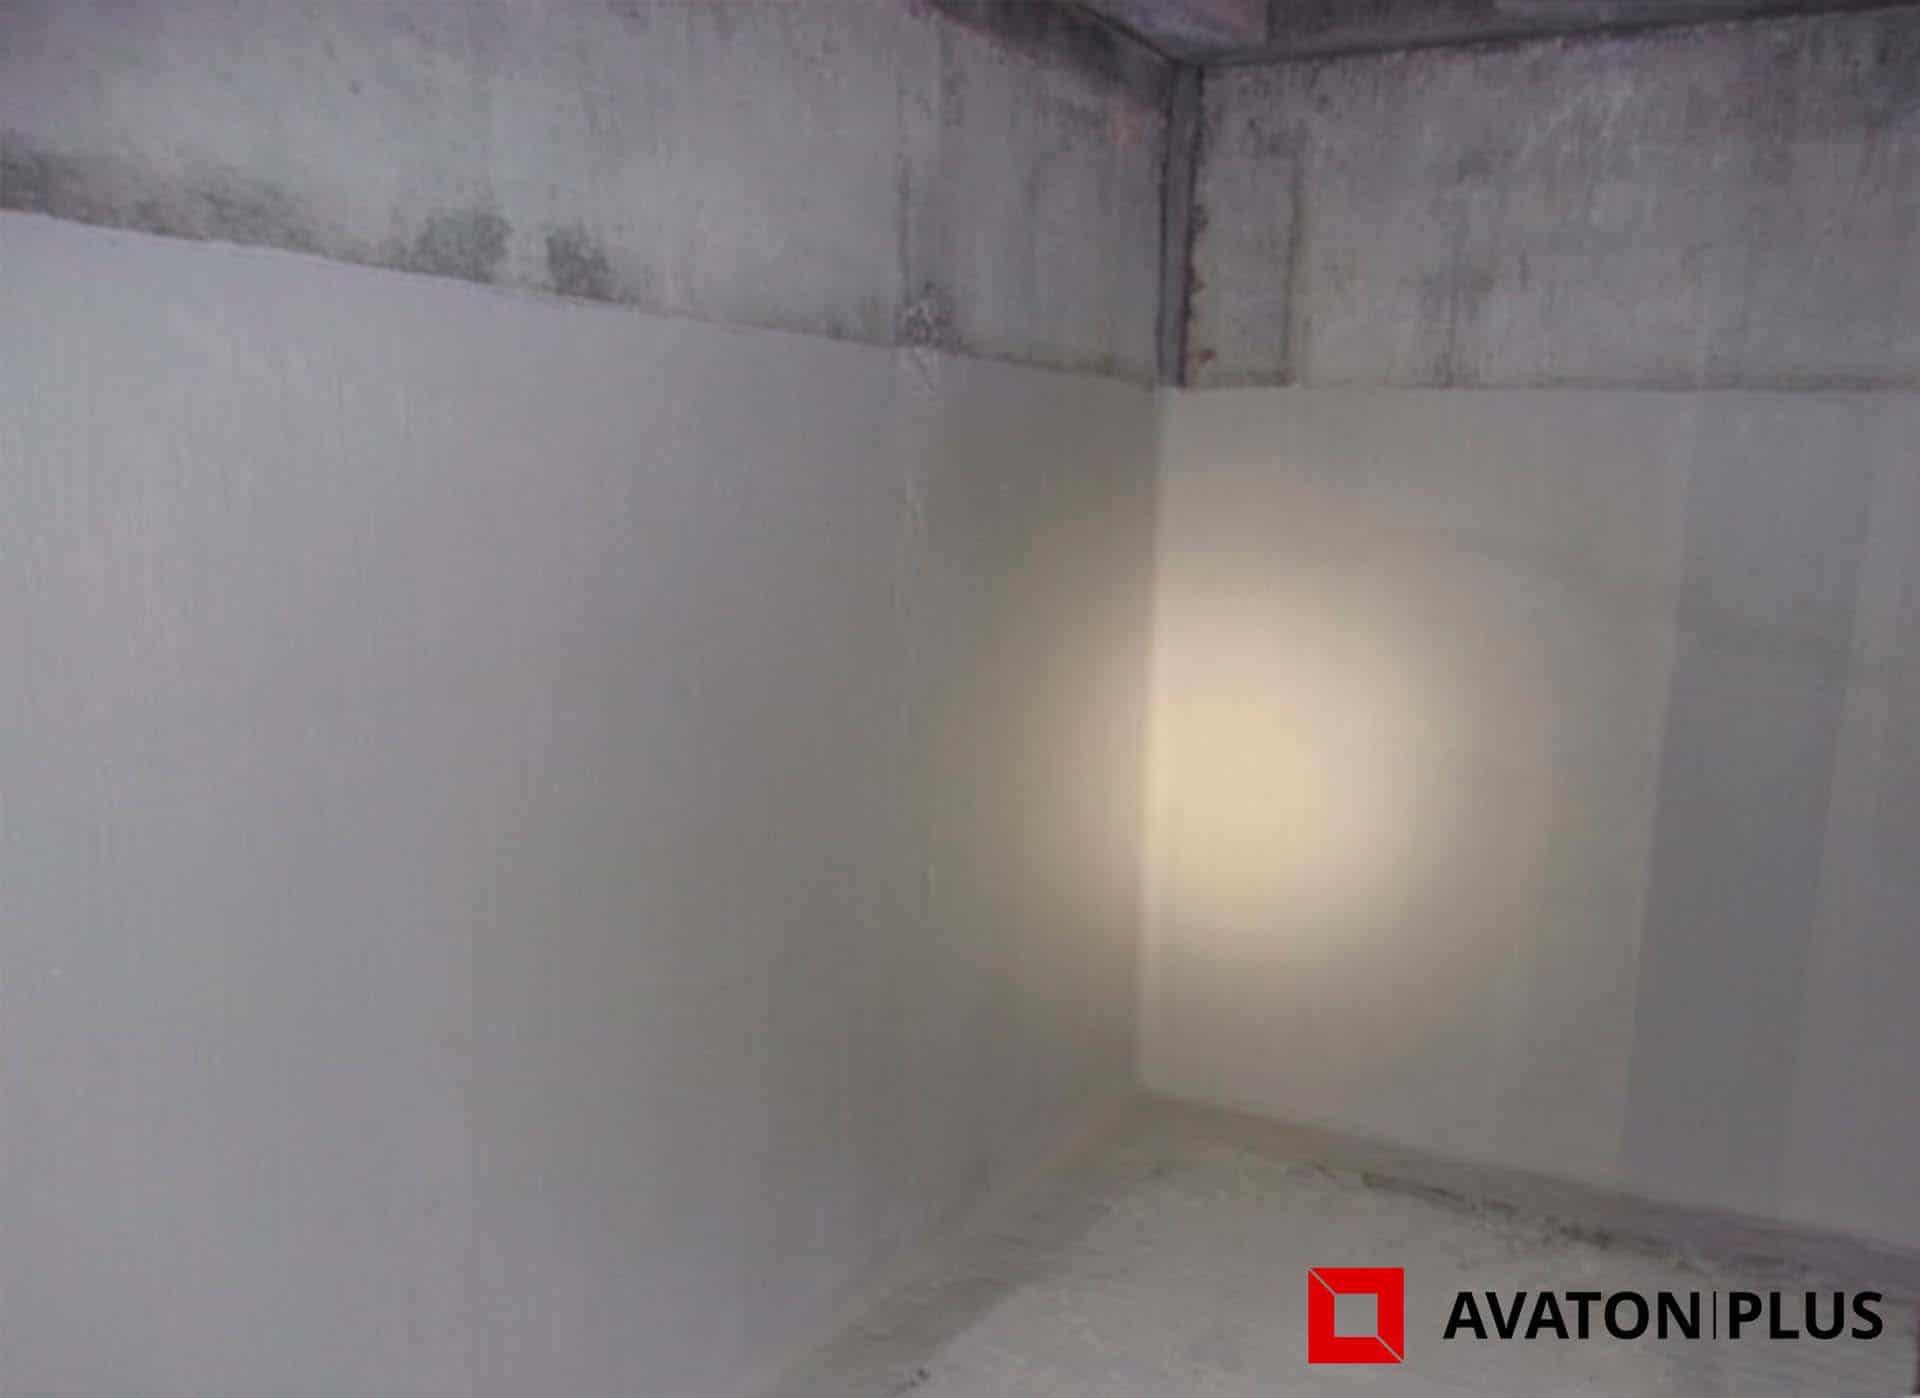 Hydroizolace stěn suterénu skladového prostoru